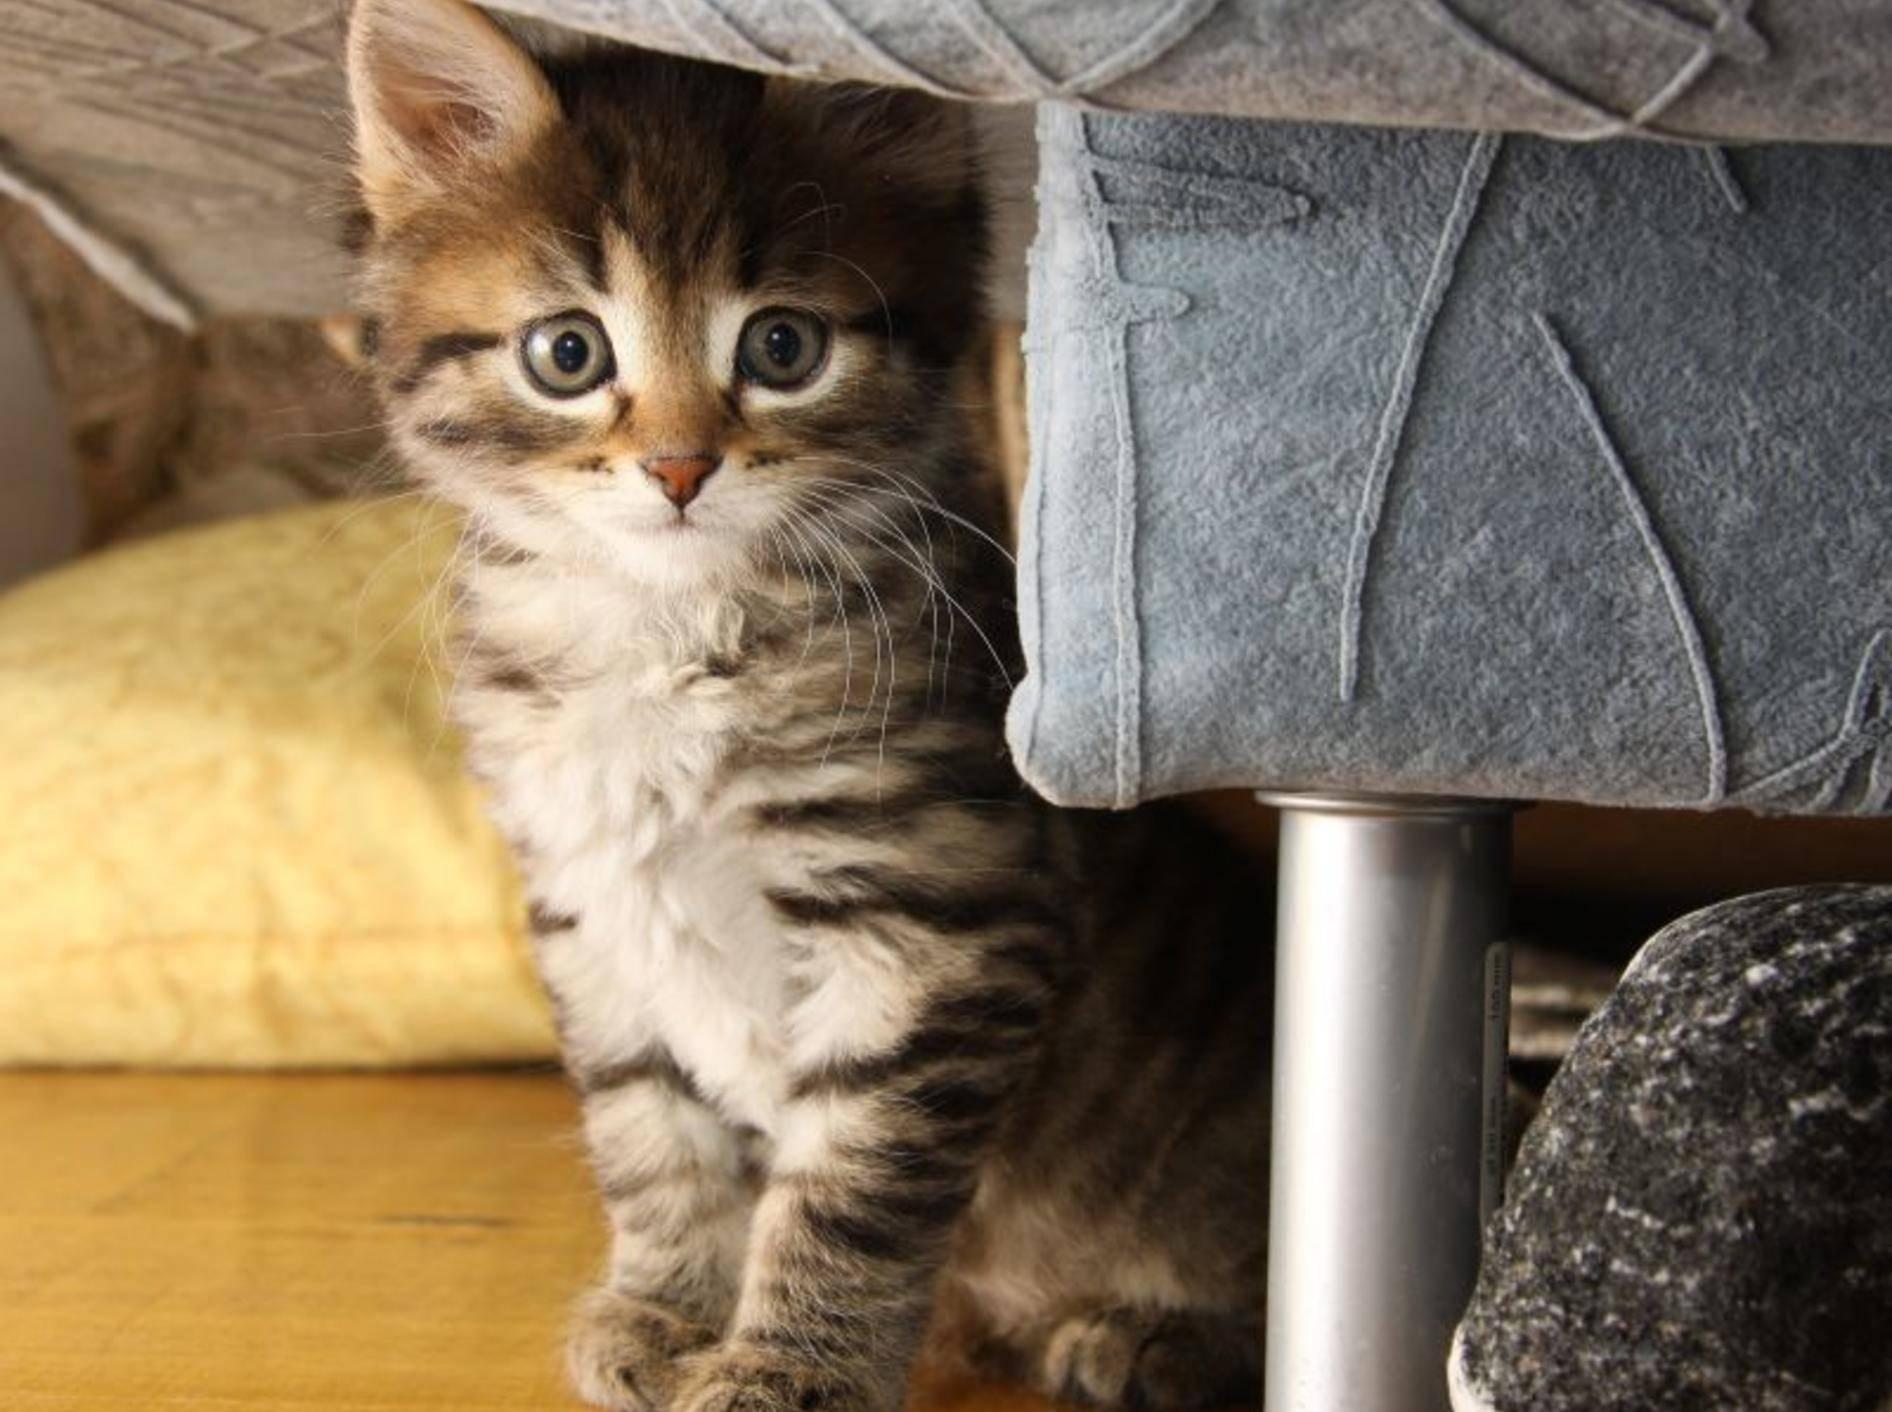 Katzenbabys kaufen: Am Anfang ist alles aufregend! — Bild: Shutterstock / kritskaya